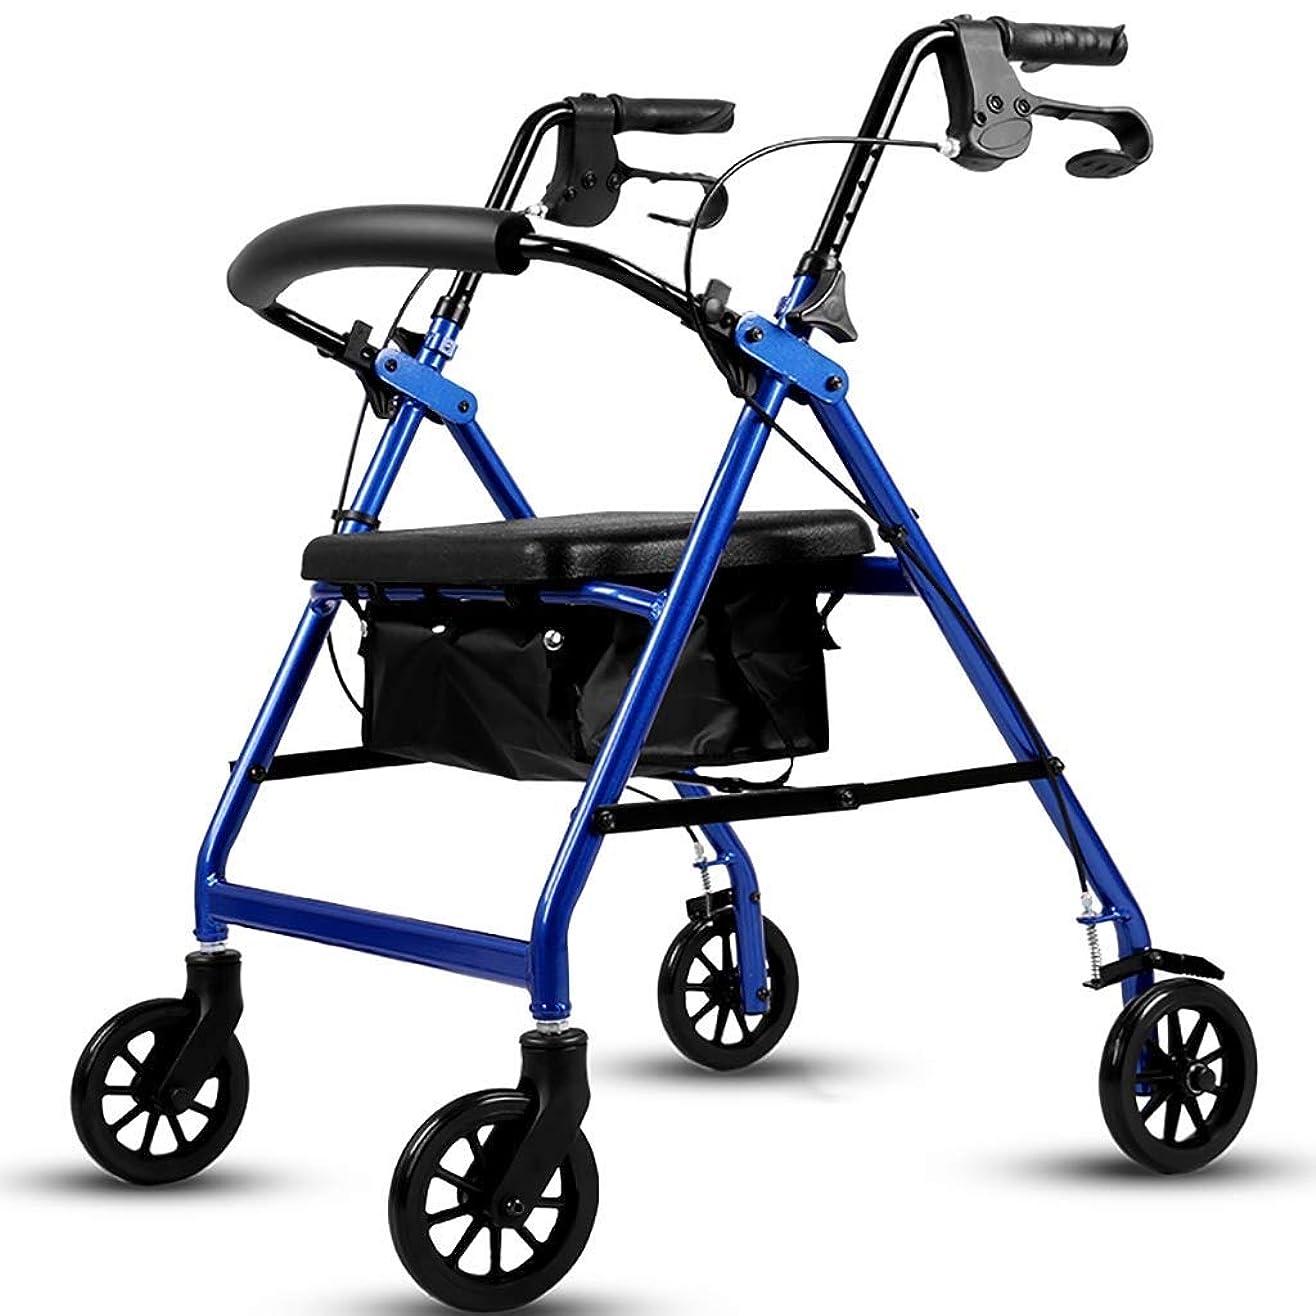 縫うハード九月軽量ローリングウォーカー、パッド入りシートとバッグ付きアルミニウムローラー、コンパクト折りたたみデザインハンドブレーキ付きヘビーデューティーウォーカー